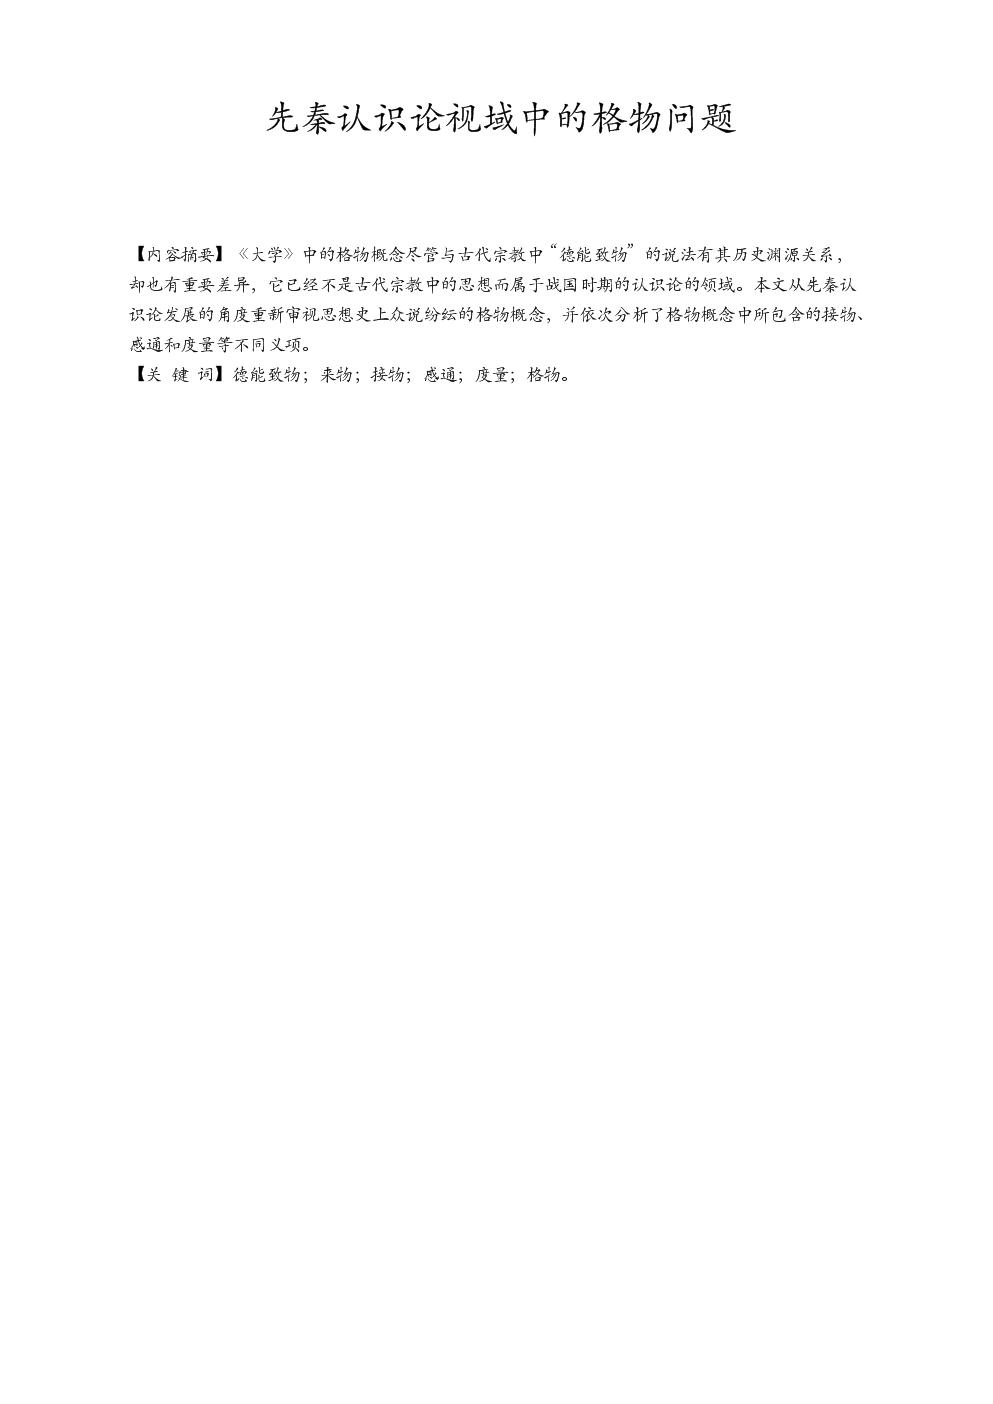 先秦认识论视域中的格物问题.doc